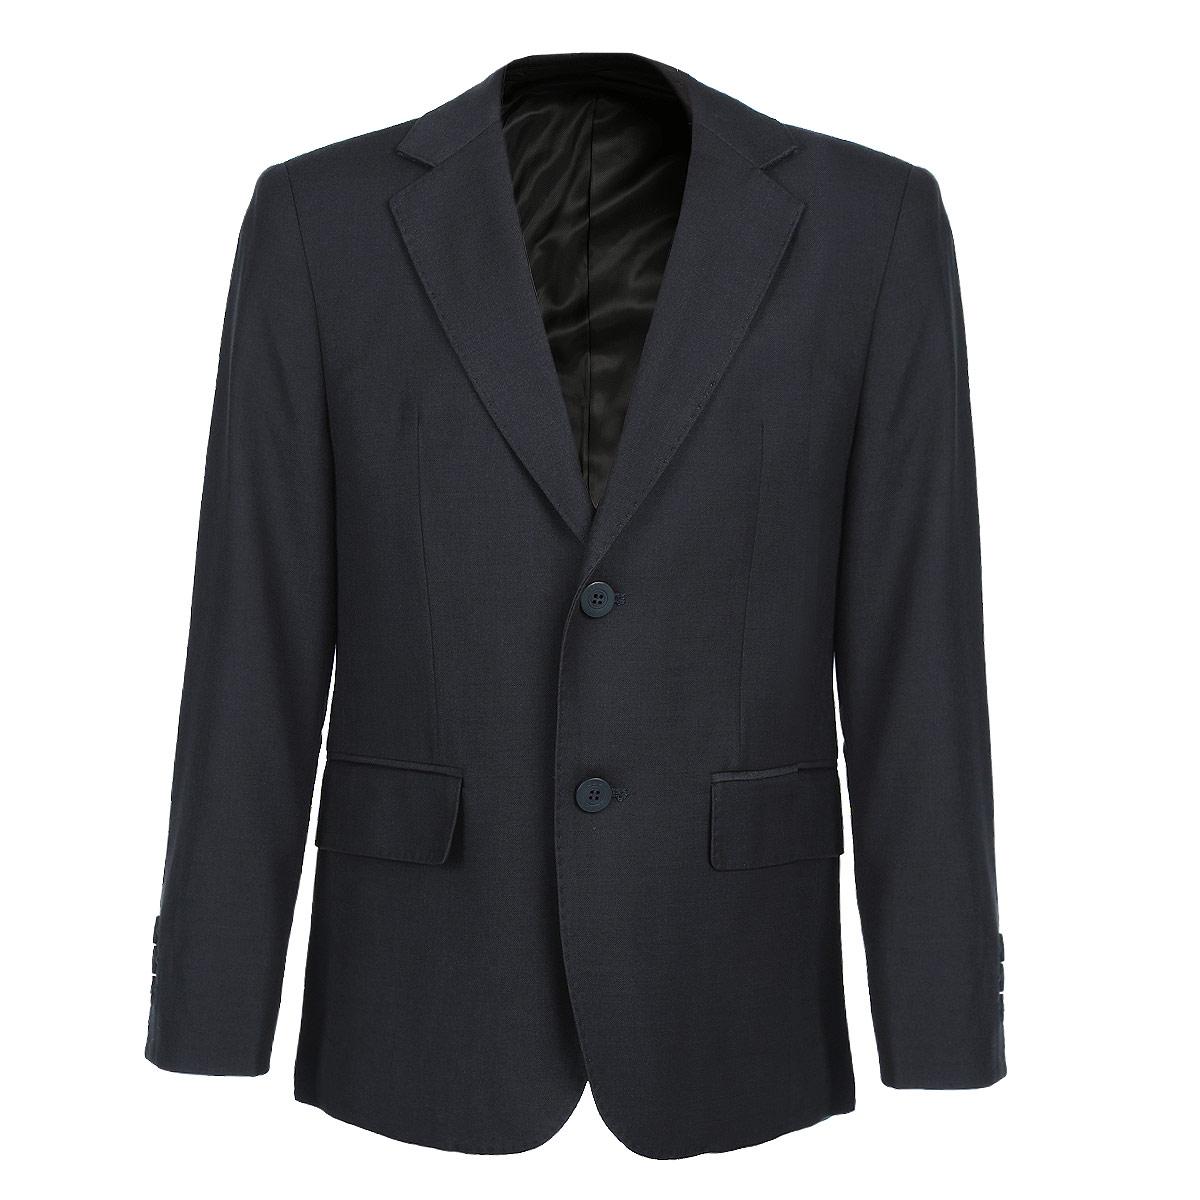 Пиджак для мальчика. 353026/353025353025Стильный пиджак для мальчика Scool станет отличным дополнением к школьному гардеробу в прохладные дни. Изготовленный из высококачественного материала, он необычайно мягкий и приятный на ощупь, не сковывает движения и позволяет коже дышать, не раздражает нежную кожу ребенка, обеспечивая ему наибольший комфорт. Подкладка выполнена из гладкой подкладочной ткани. Пиджак с воротничком с лацканами застегивается на пластиковые пуговички. Манжеты дополнены декоративными пуговицами. Спереди пиджак дополнен двумя прорезными карманами с клапанами. С изнаночной стороны также имеются два прорезных вместительных кармана. Сзади предусмотрена шлица. В таком пиджачке ваш маленький мужчина будет чувствовать себя комфортно, уютно и всегда будет в центре внимания!